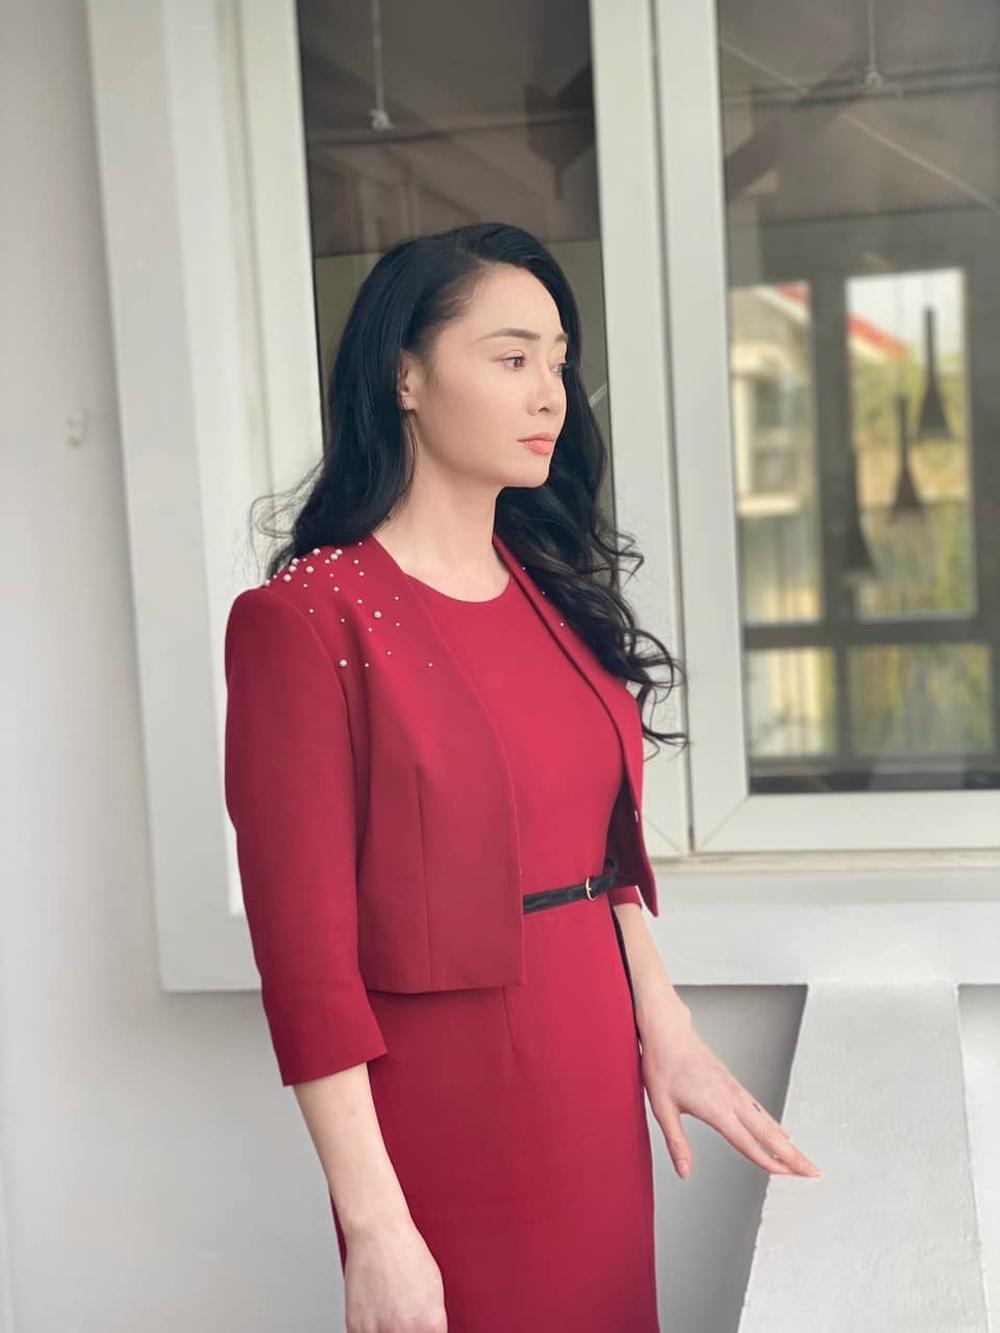 Nhan sắc U45 đài các nhưng không kém phần gợi cảm của bà Xuân Hương vị tình thân - Ảnh 3.